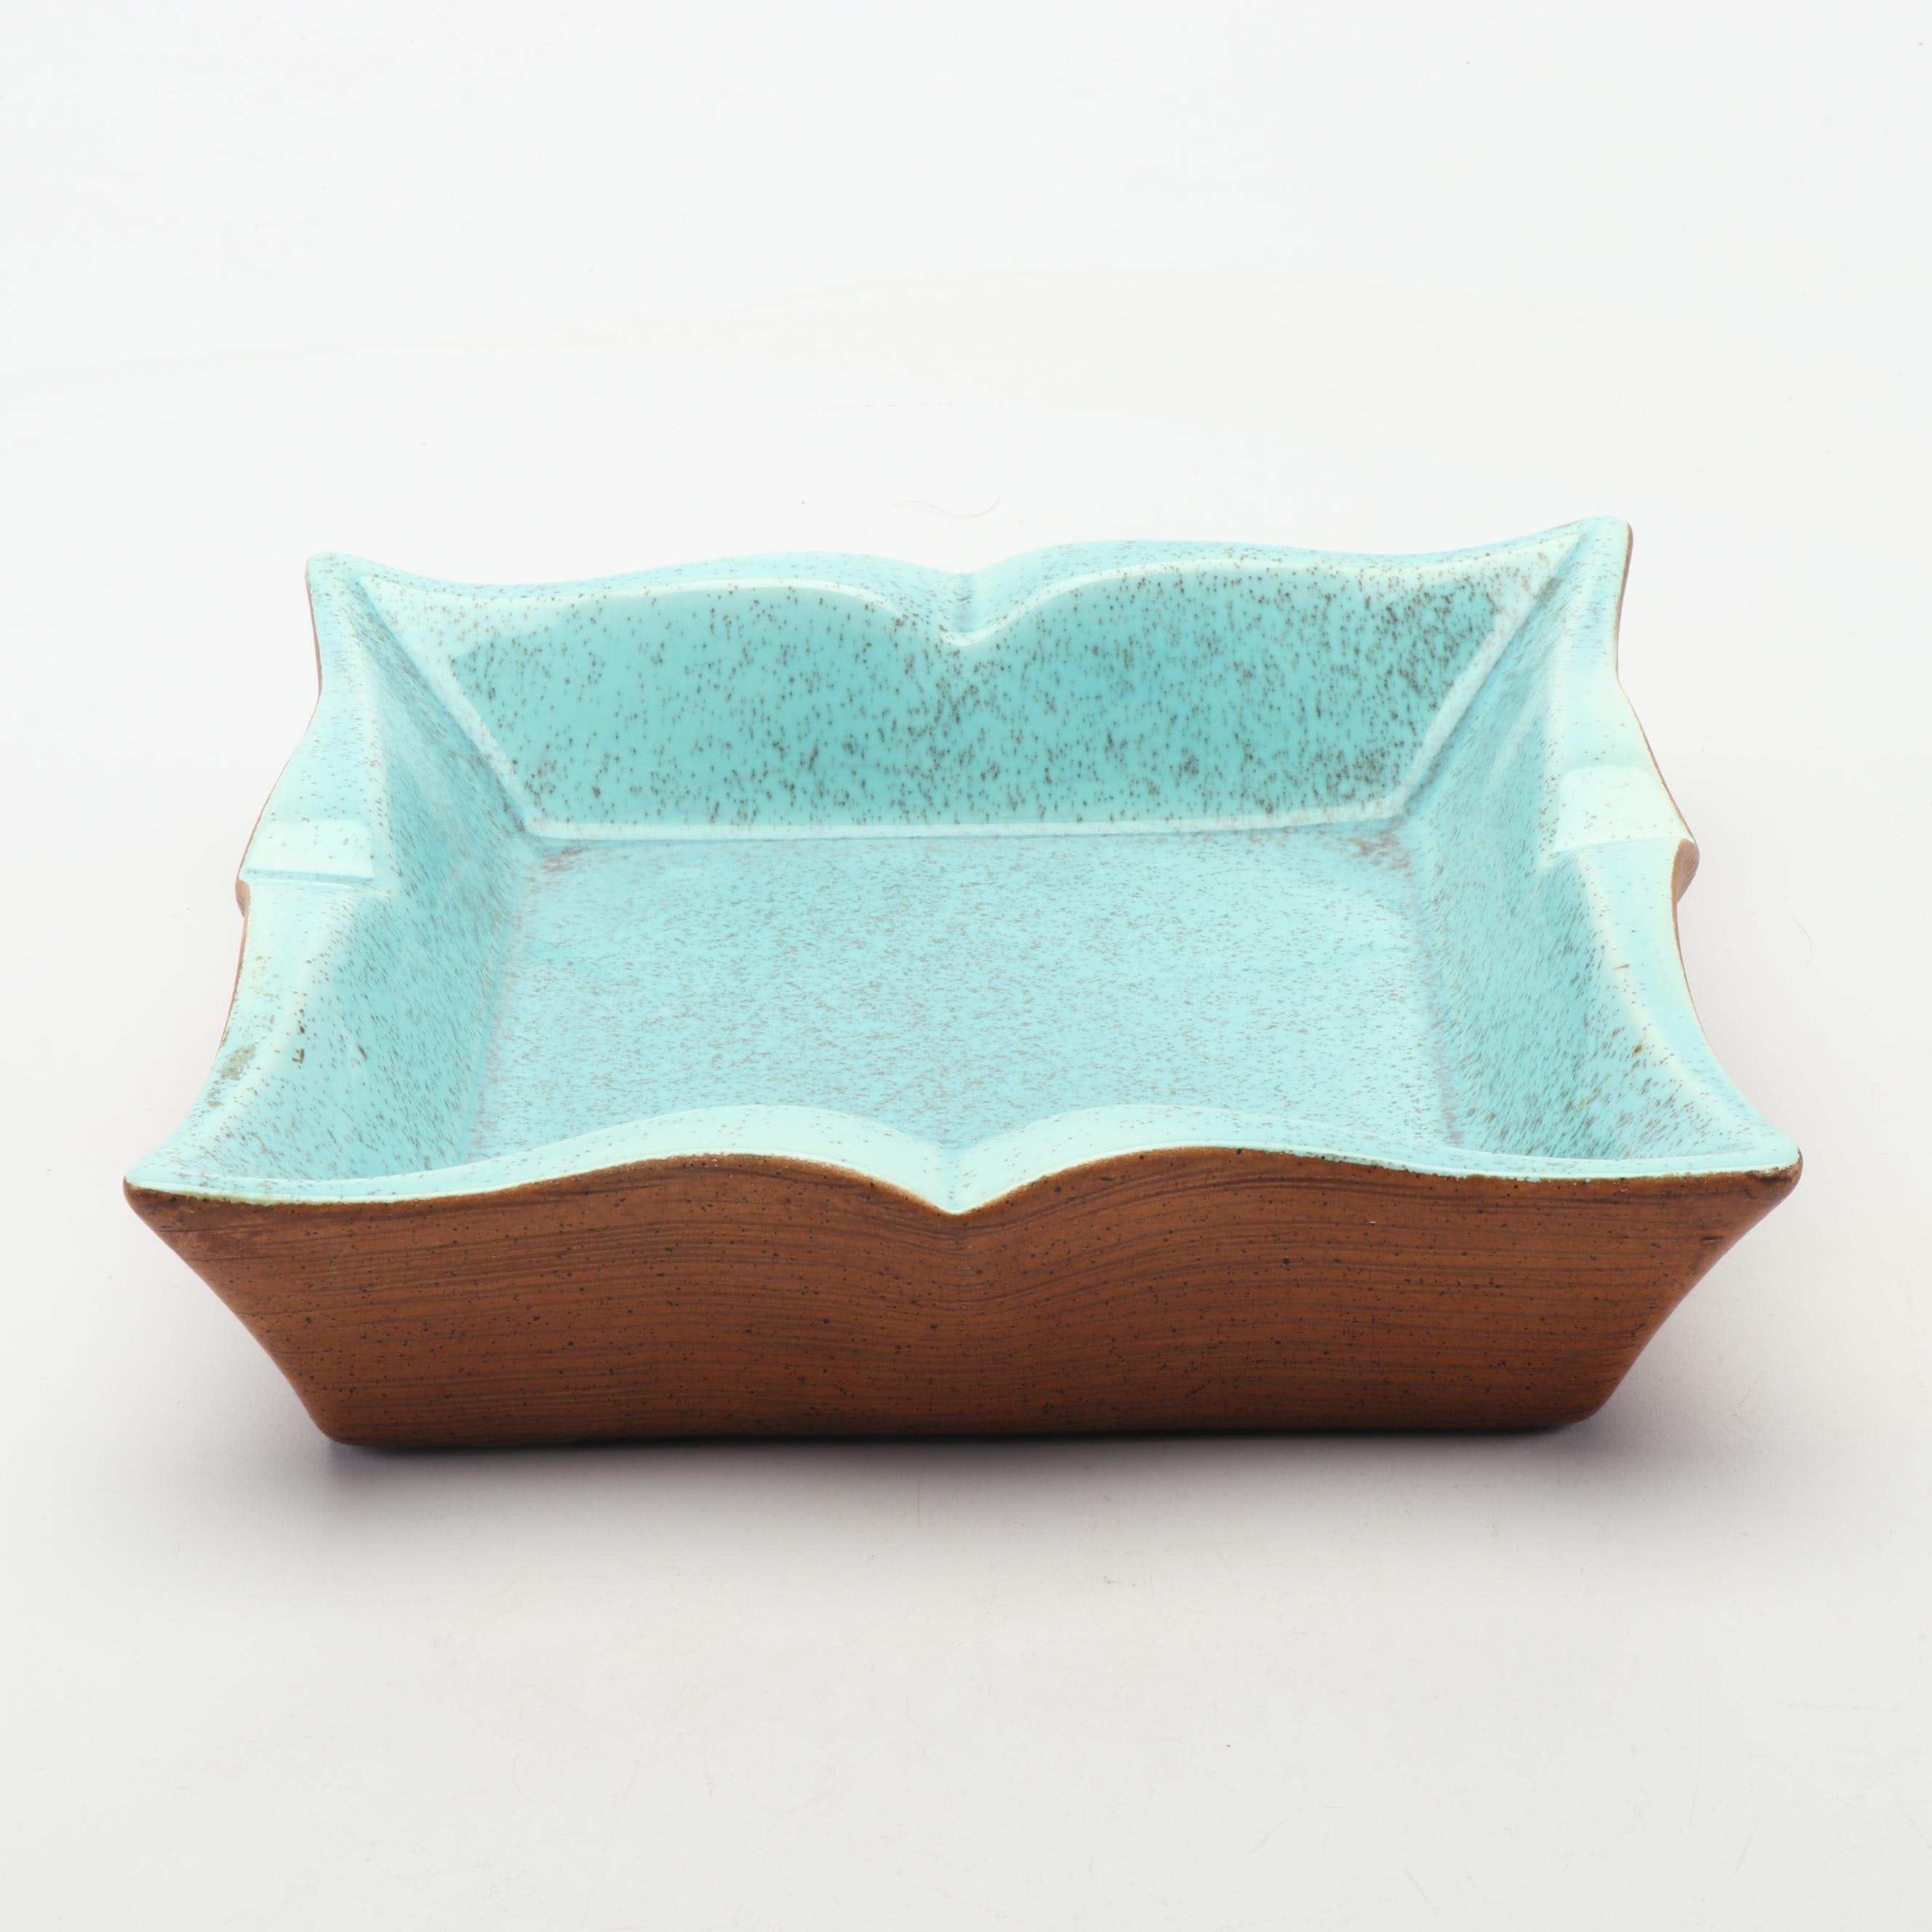 Blue Speckled Ceramic Square Bowl, Mid-Century